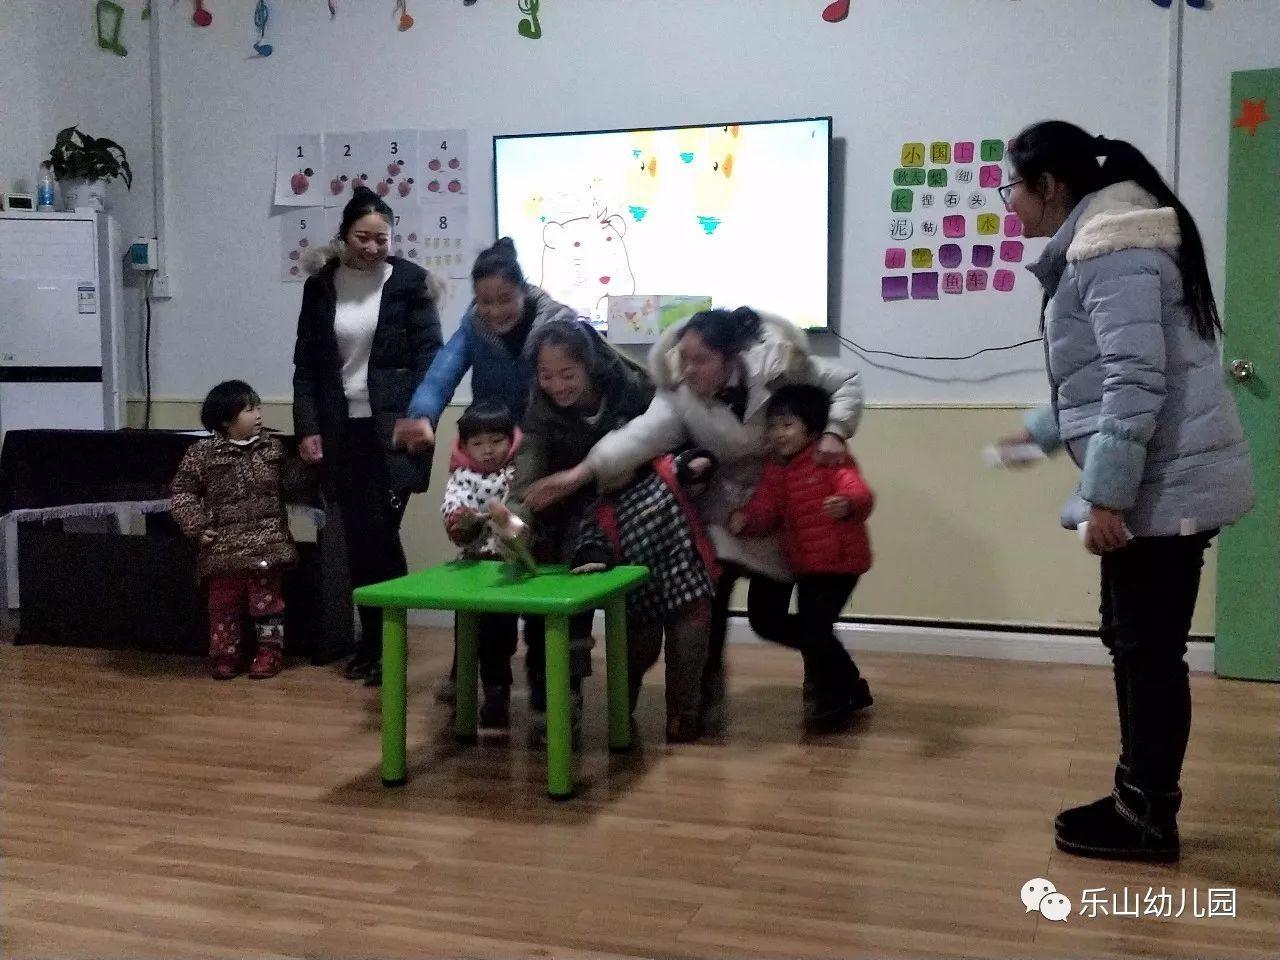 2018年元旦游园会主题活动方案docx下载_爱问共享资料